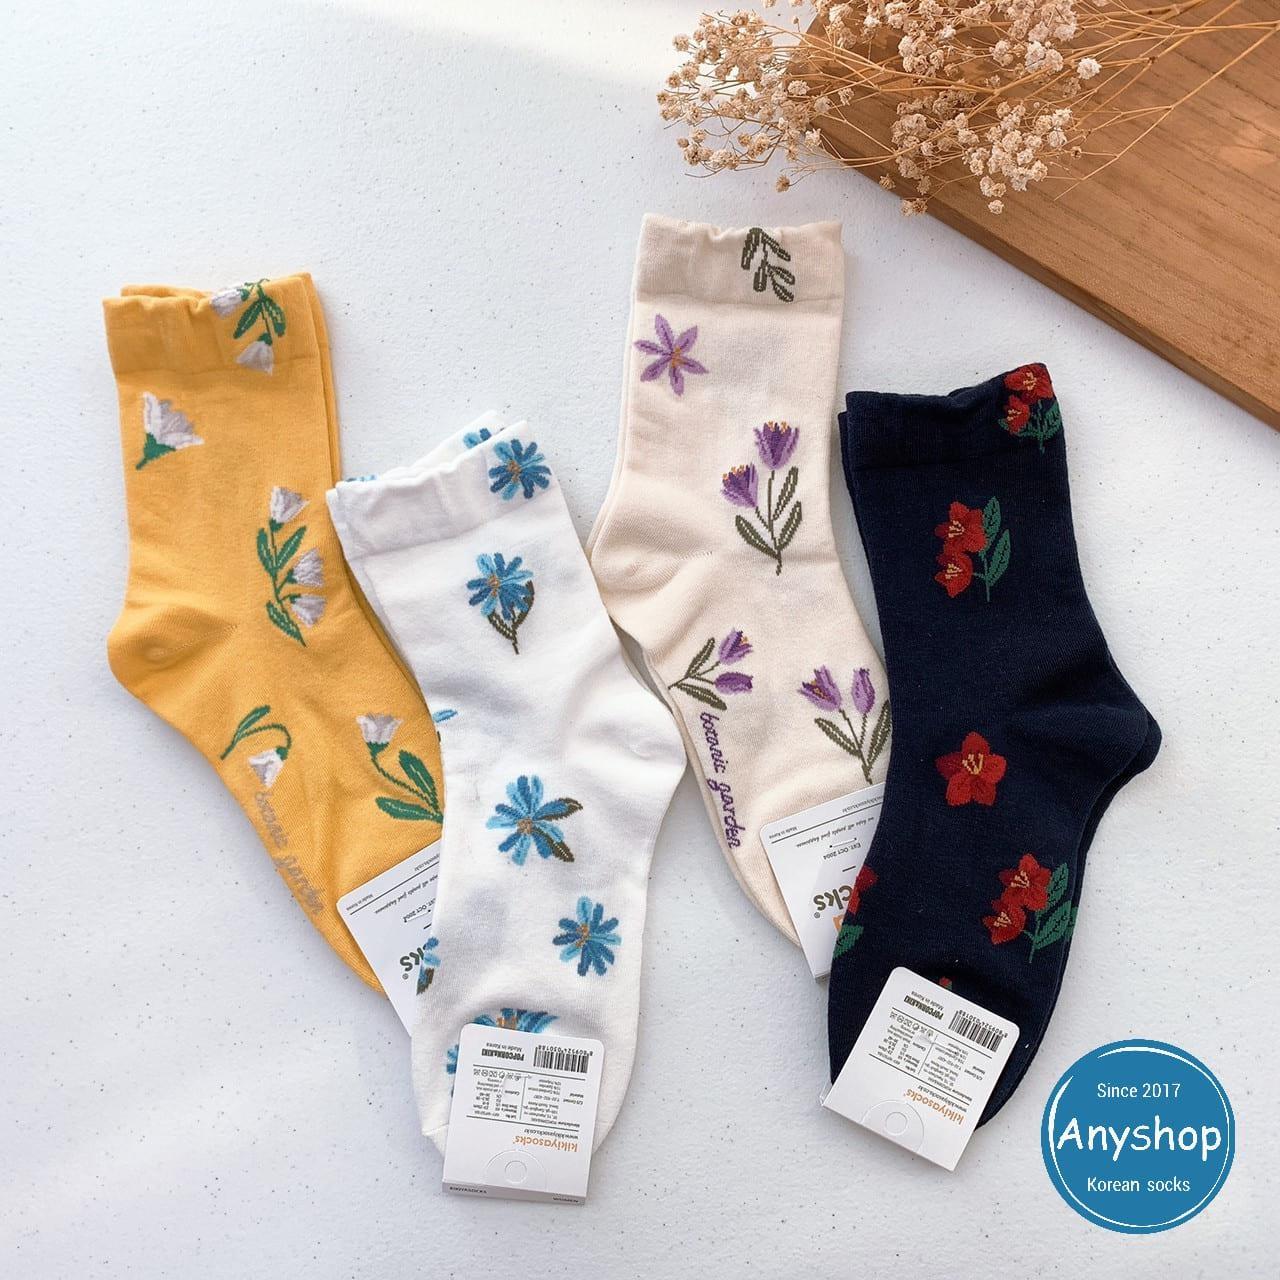 韓國襪-[Anyshop]手繪花朵長襪